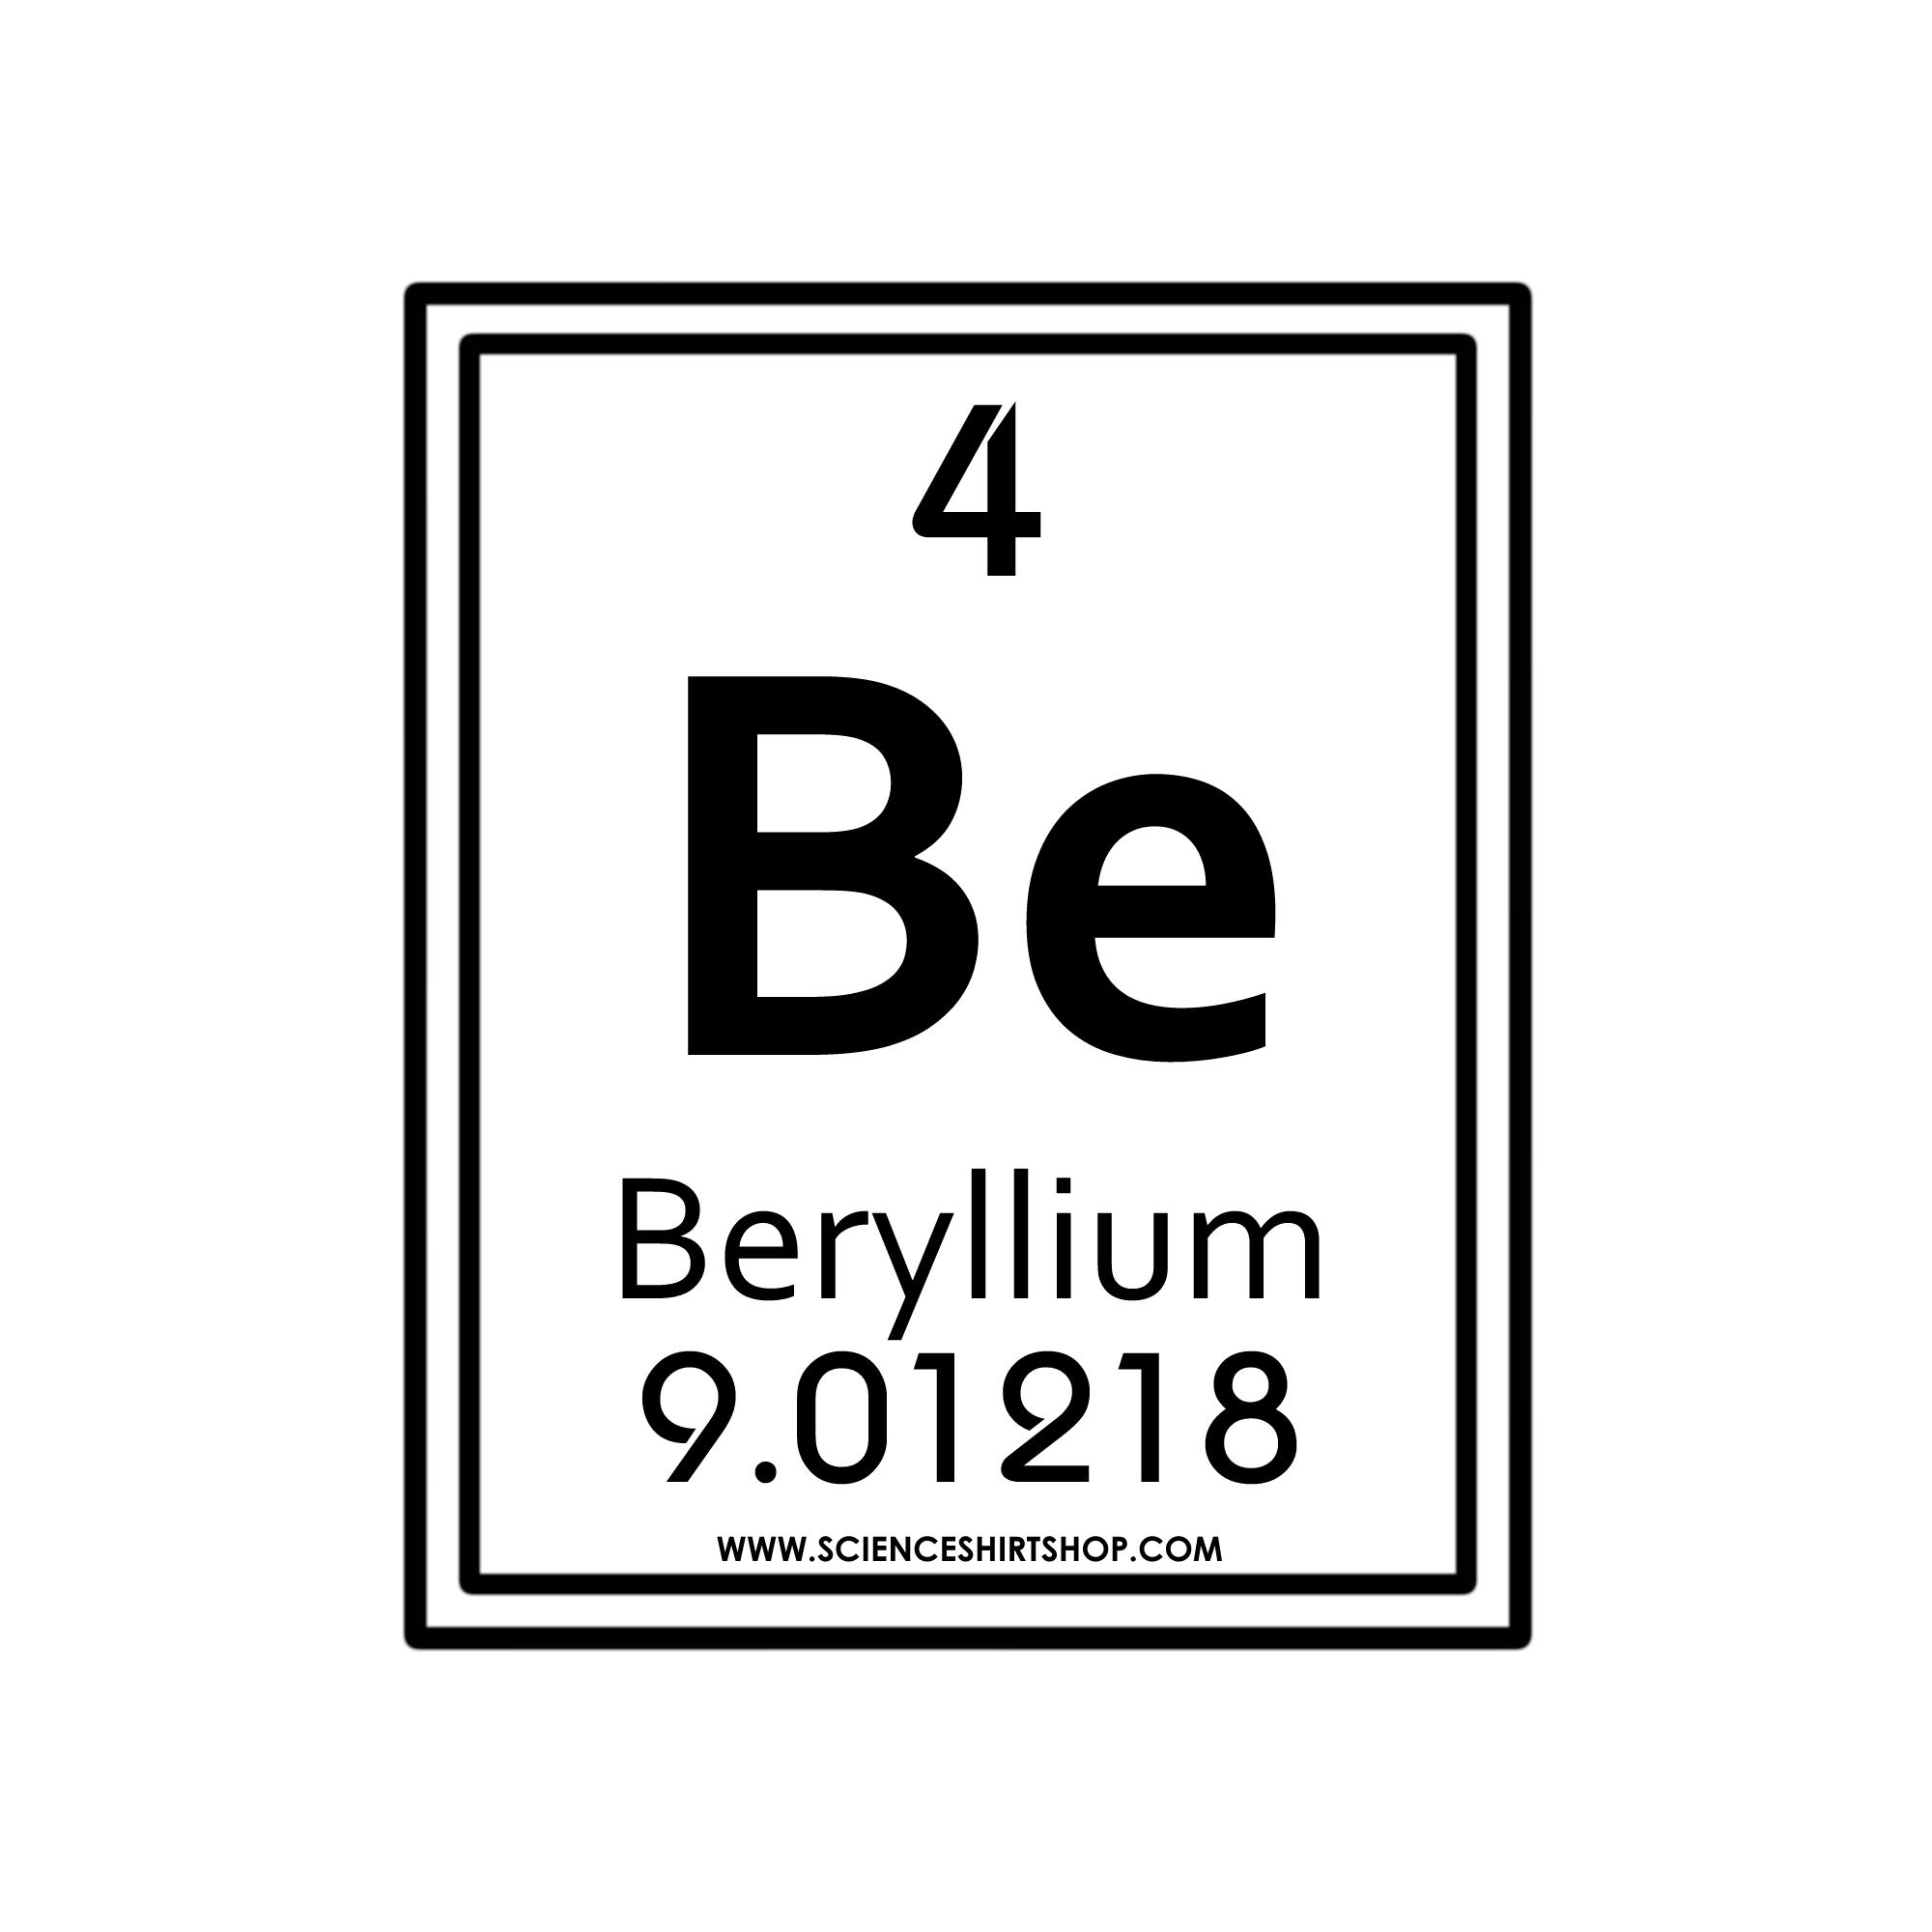 04 Beryllium